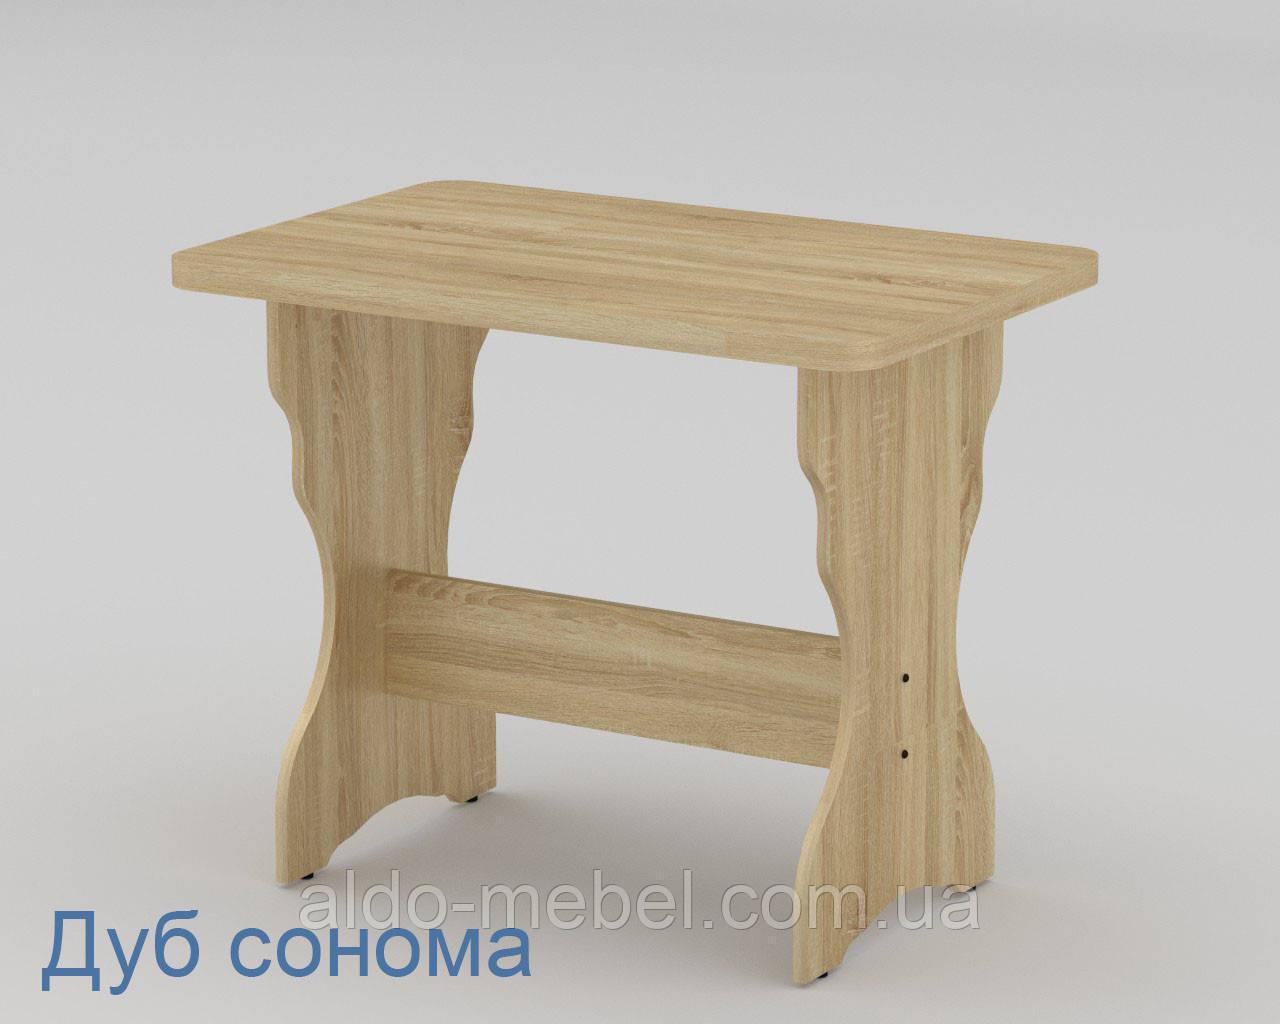 Стол кухонный КС - 2 Не раскладной Габариты Ш - 900 мм; В - 716 мм; Г - 600 мм (Компанит)